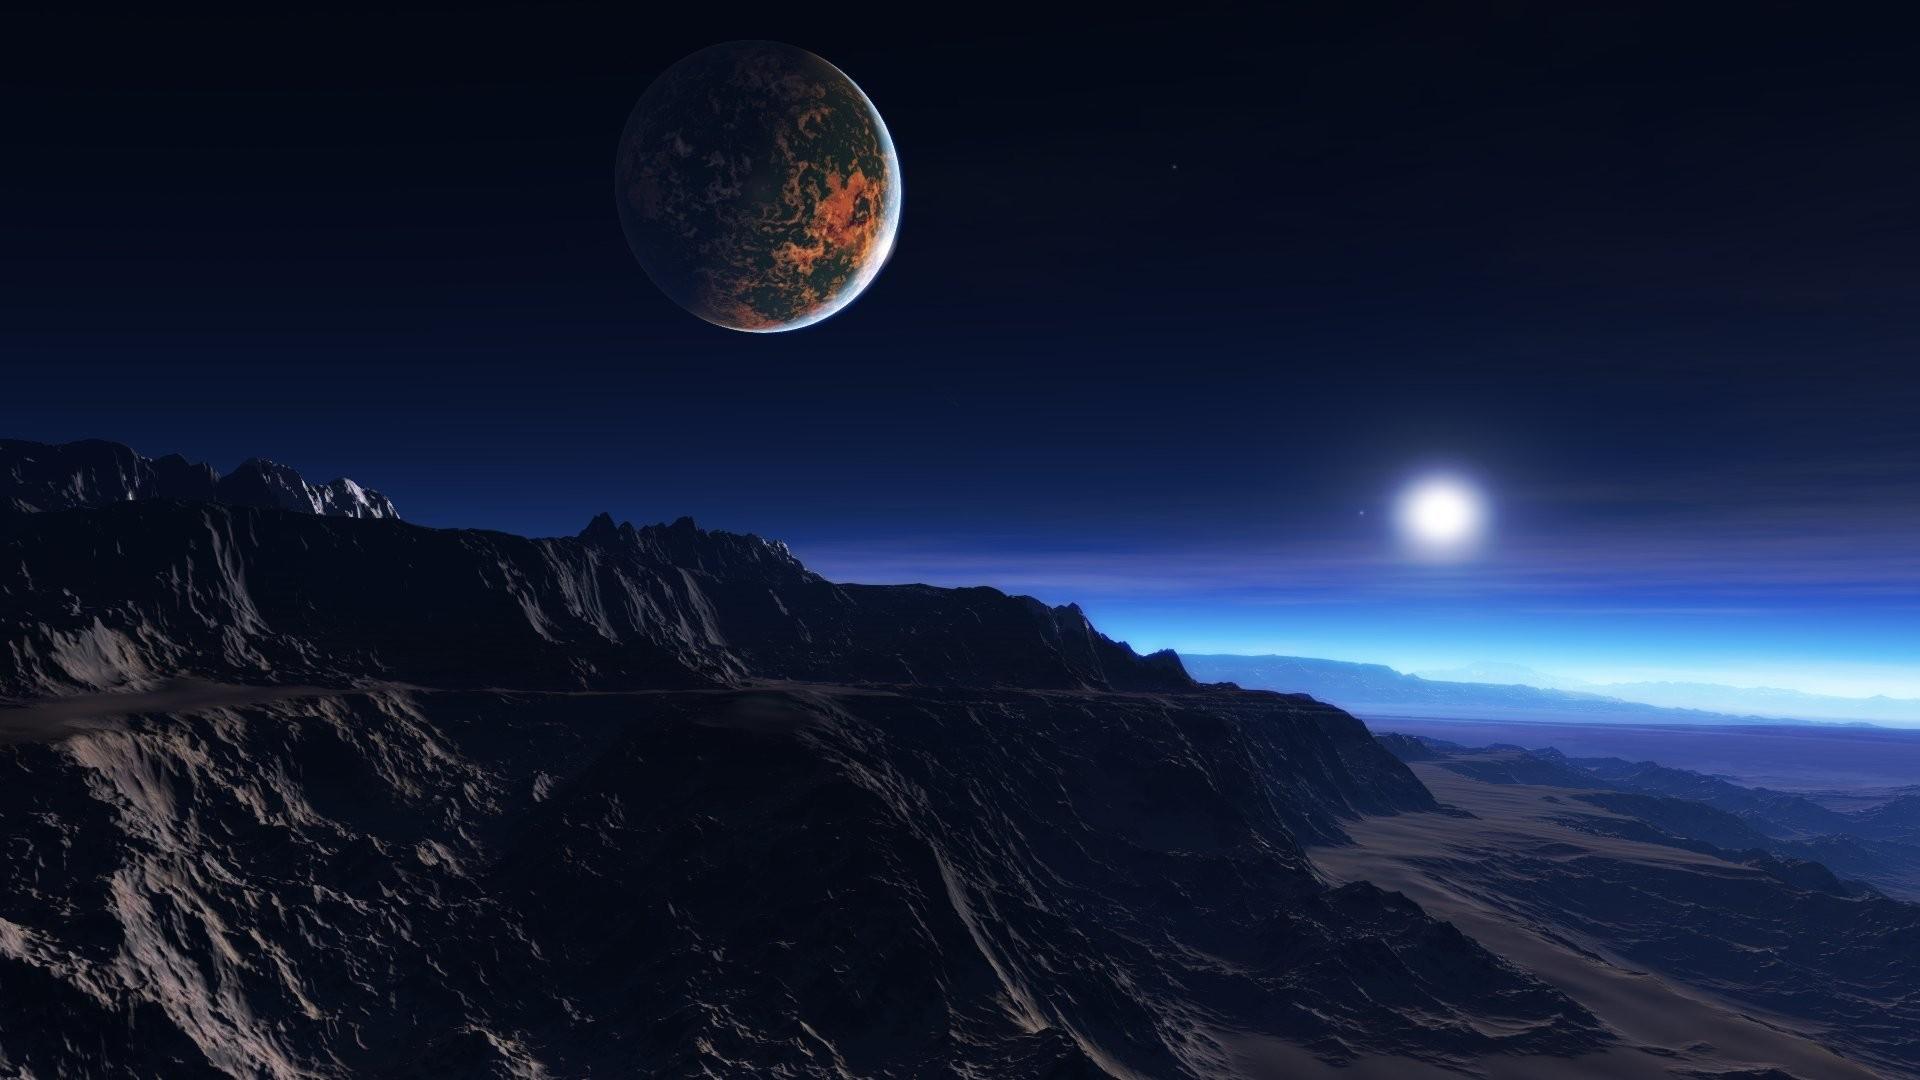 Fond d 39 cran paysage nuit plan te espace ciel terre for Paysage espace